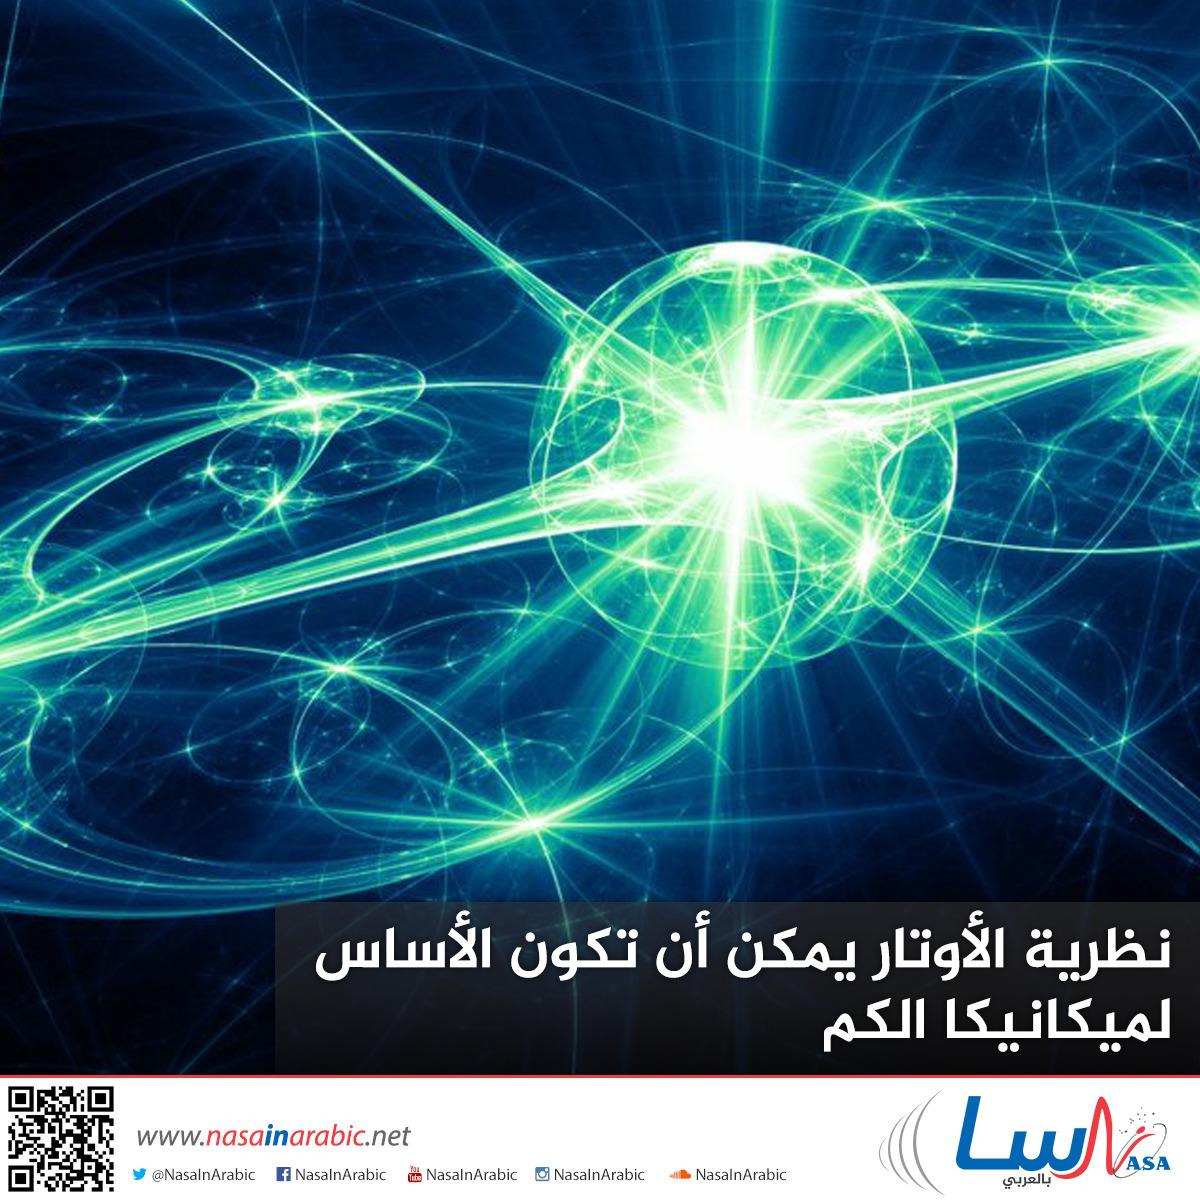 نظرية الأوتار يمكن أن تكون الأساس لميكانيكا الكم